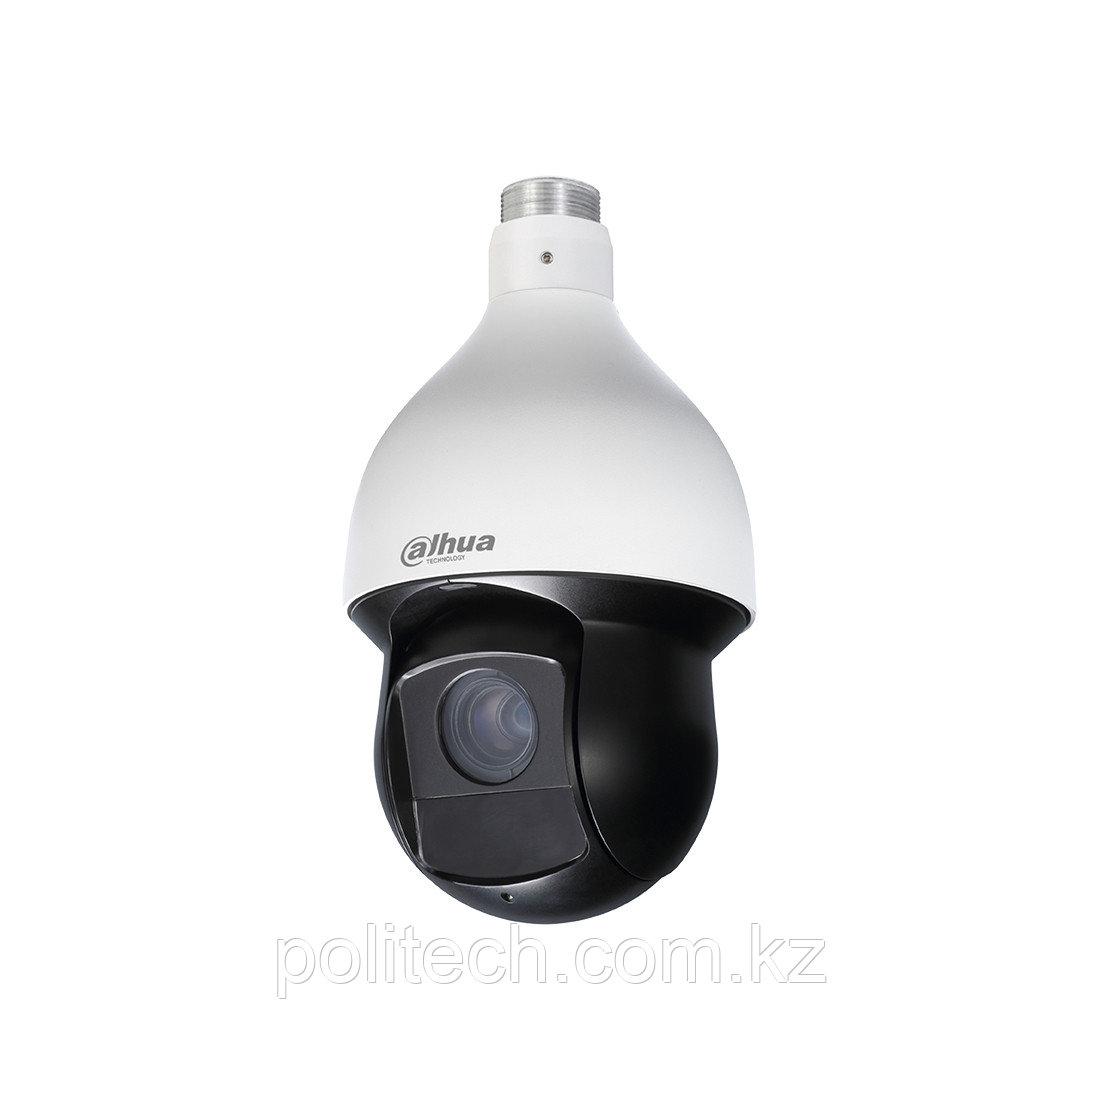 Поворотная видеокамера Dahua DH-SD59230U-HNI